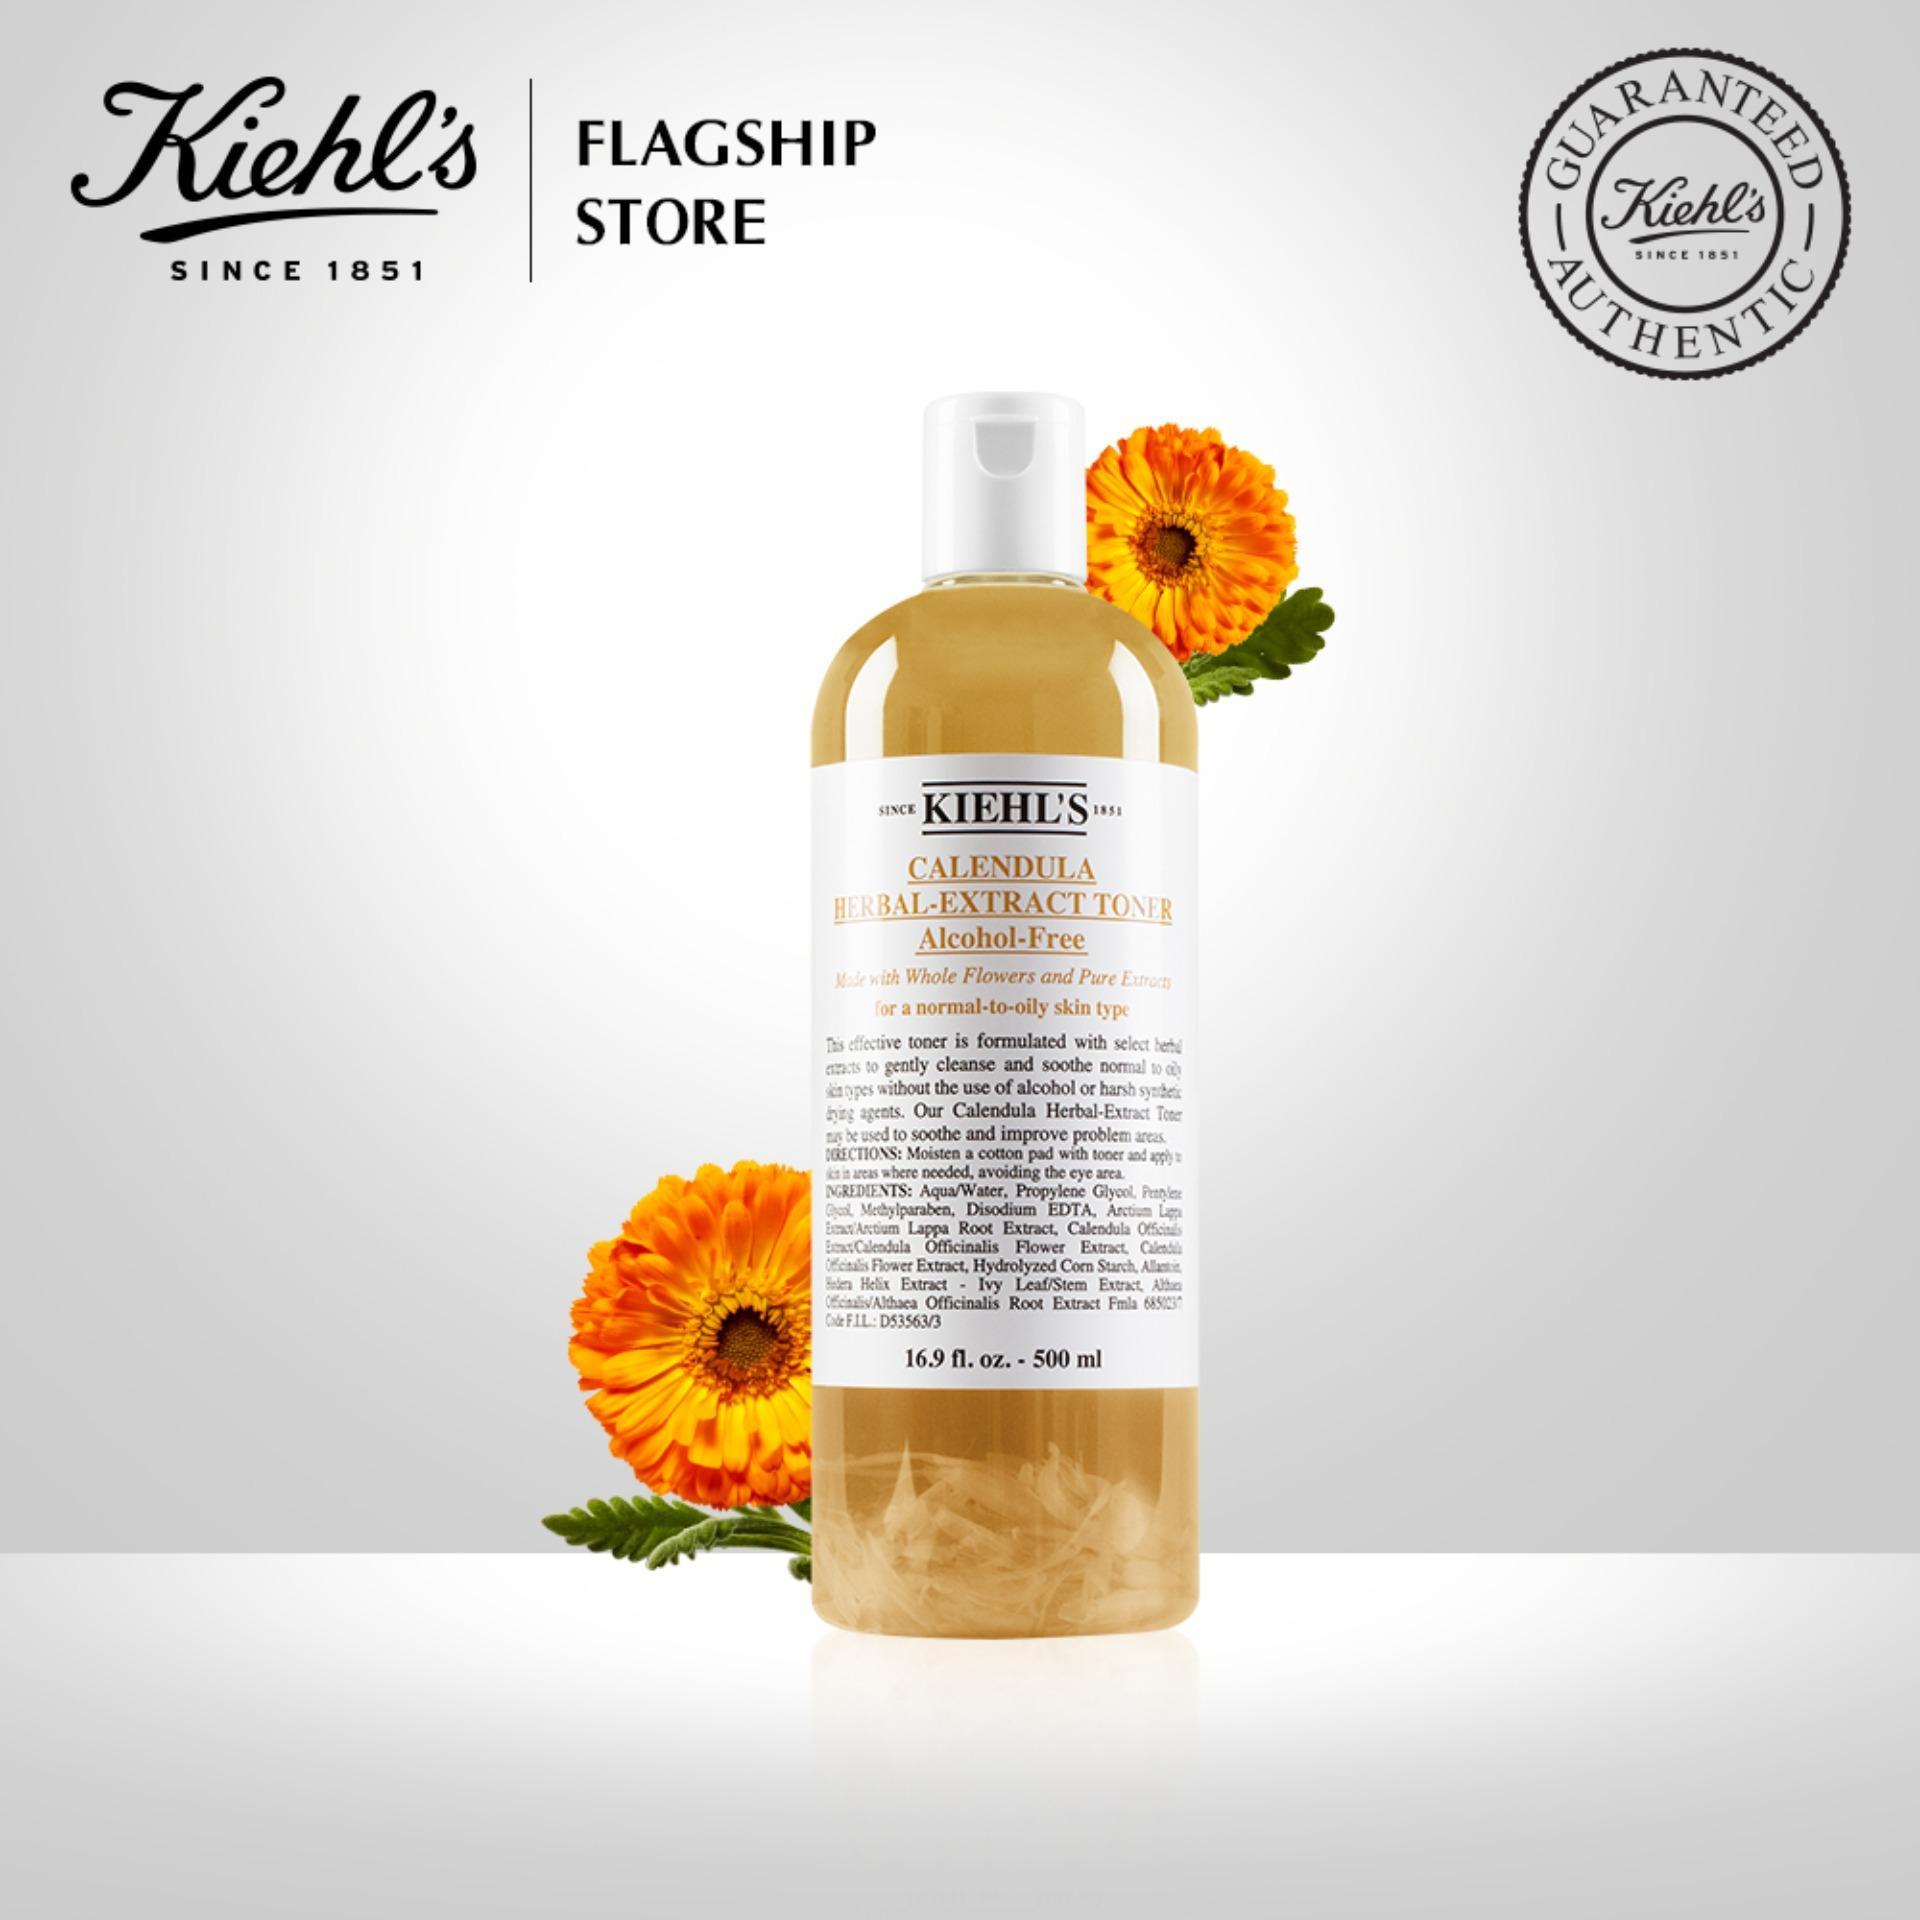 Nước cân bằng (Toner) Hoa Cúc Kiehls Calendula Herbal Extract Alcohol-Free Toner 500ML nhập khẩu